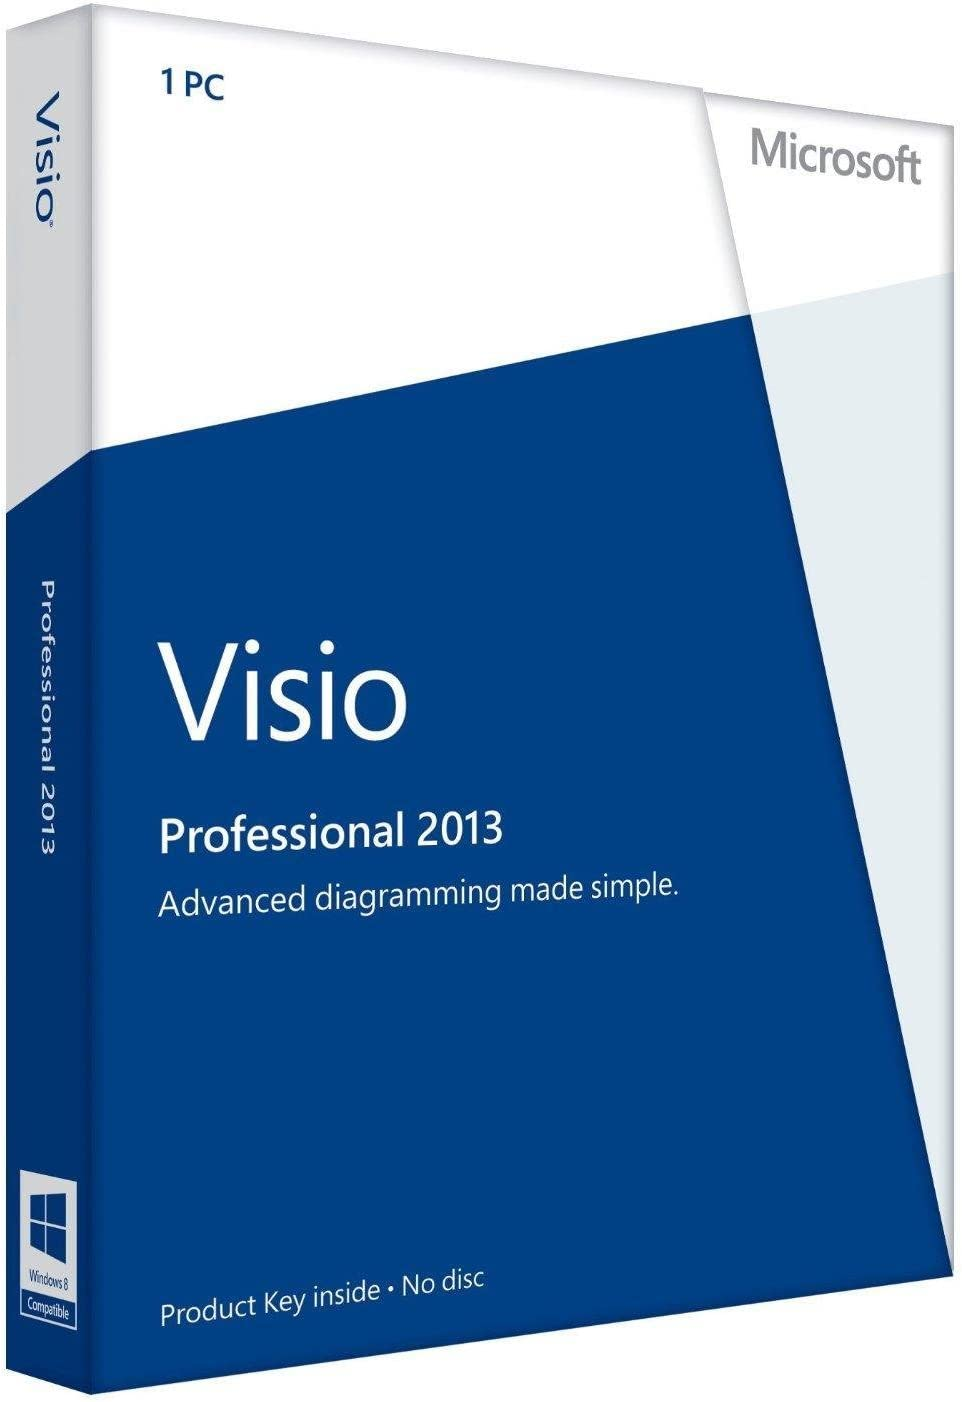 visio 2013 standard 64 bit download